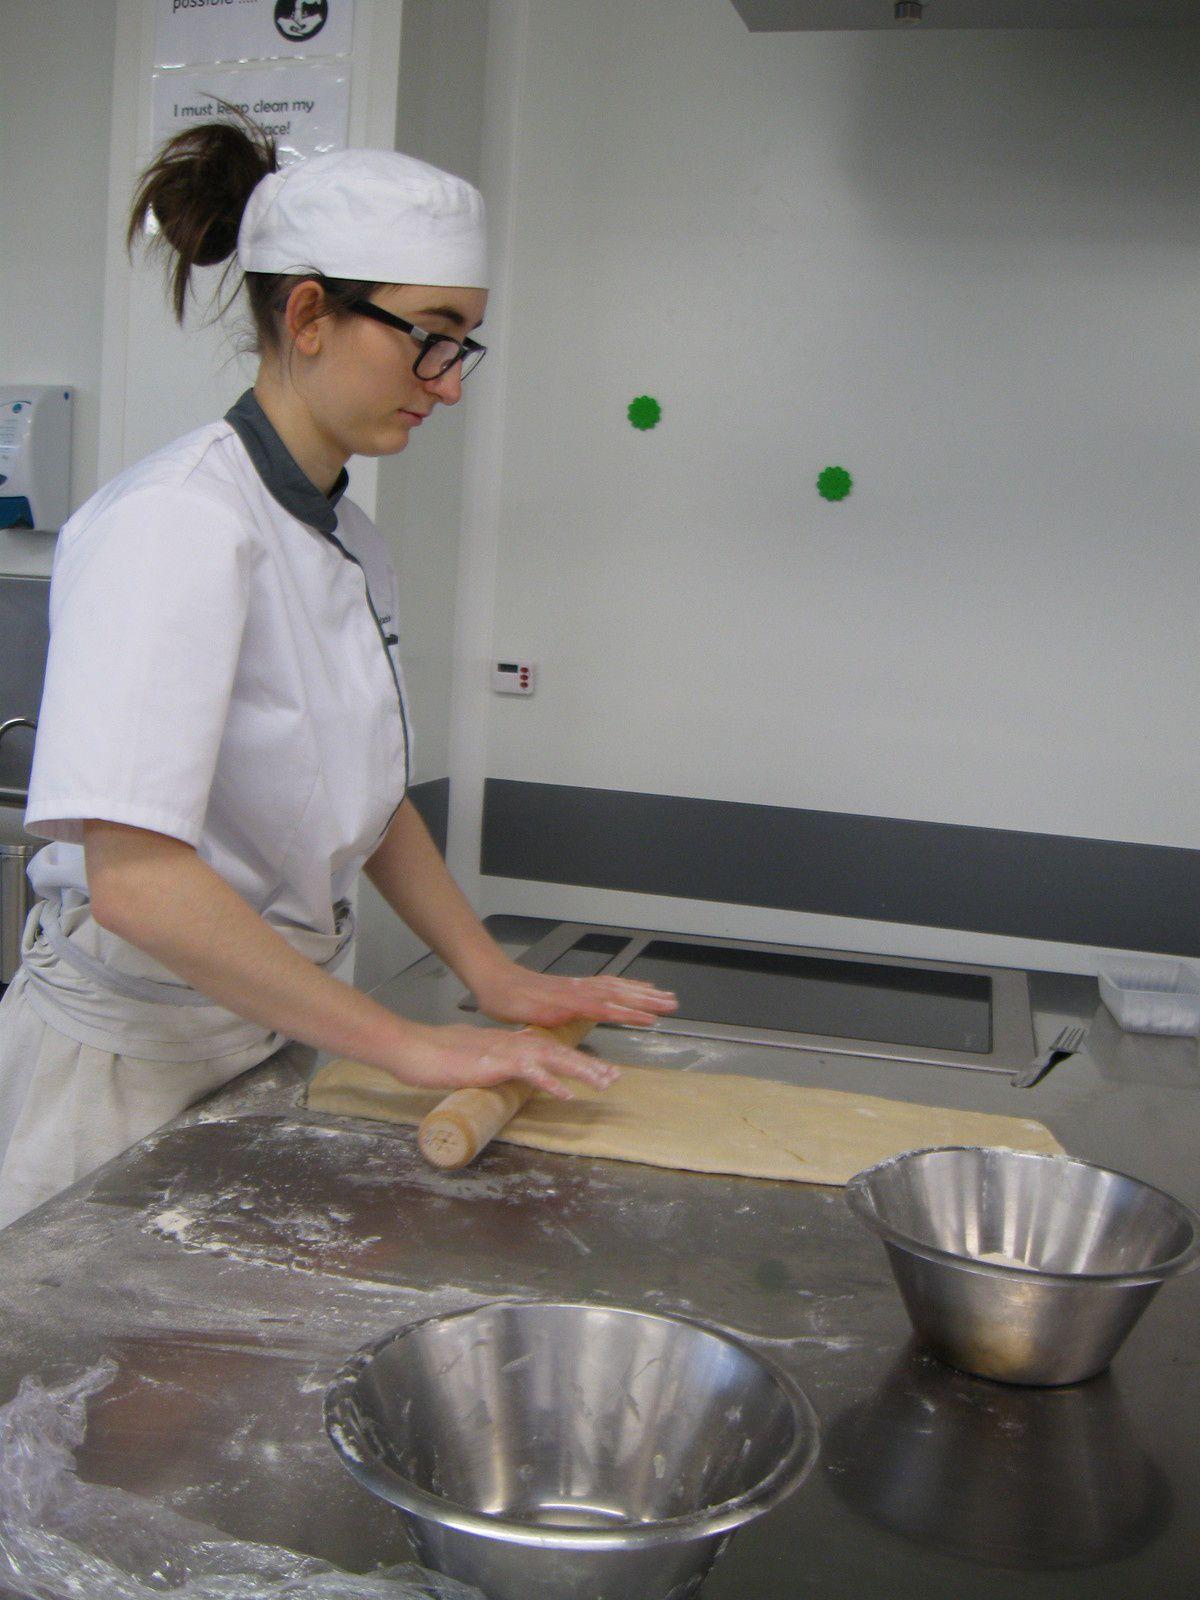 Après avoir réalisée la pâte à choux, tourage du croissant et fabrication de la crème pâtissière.